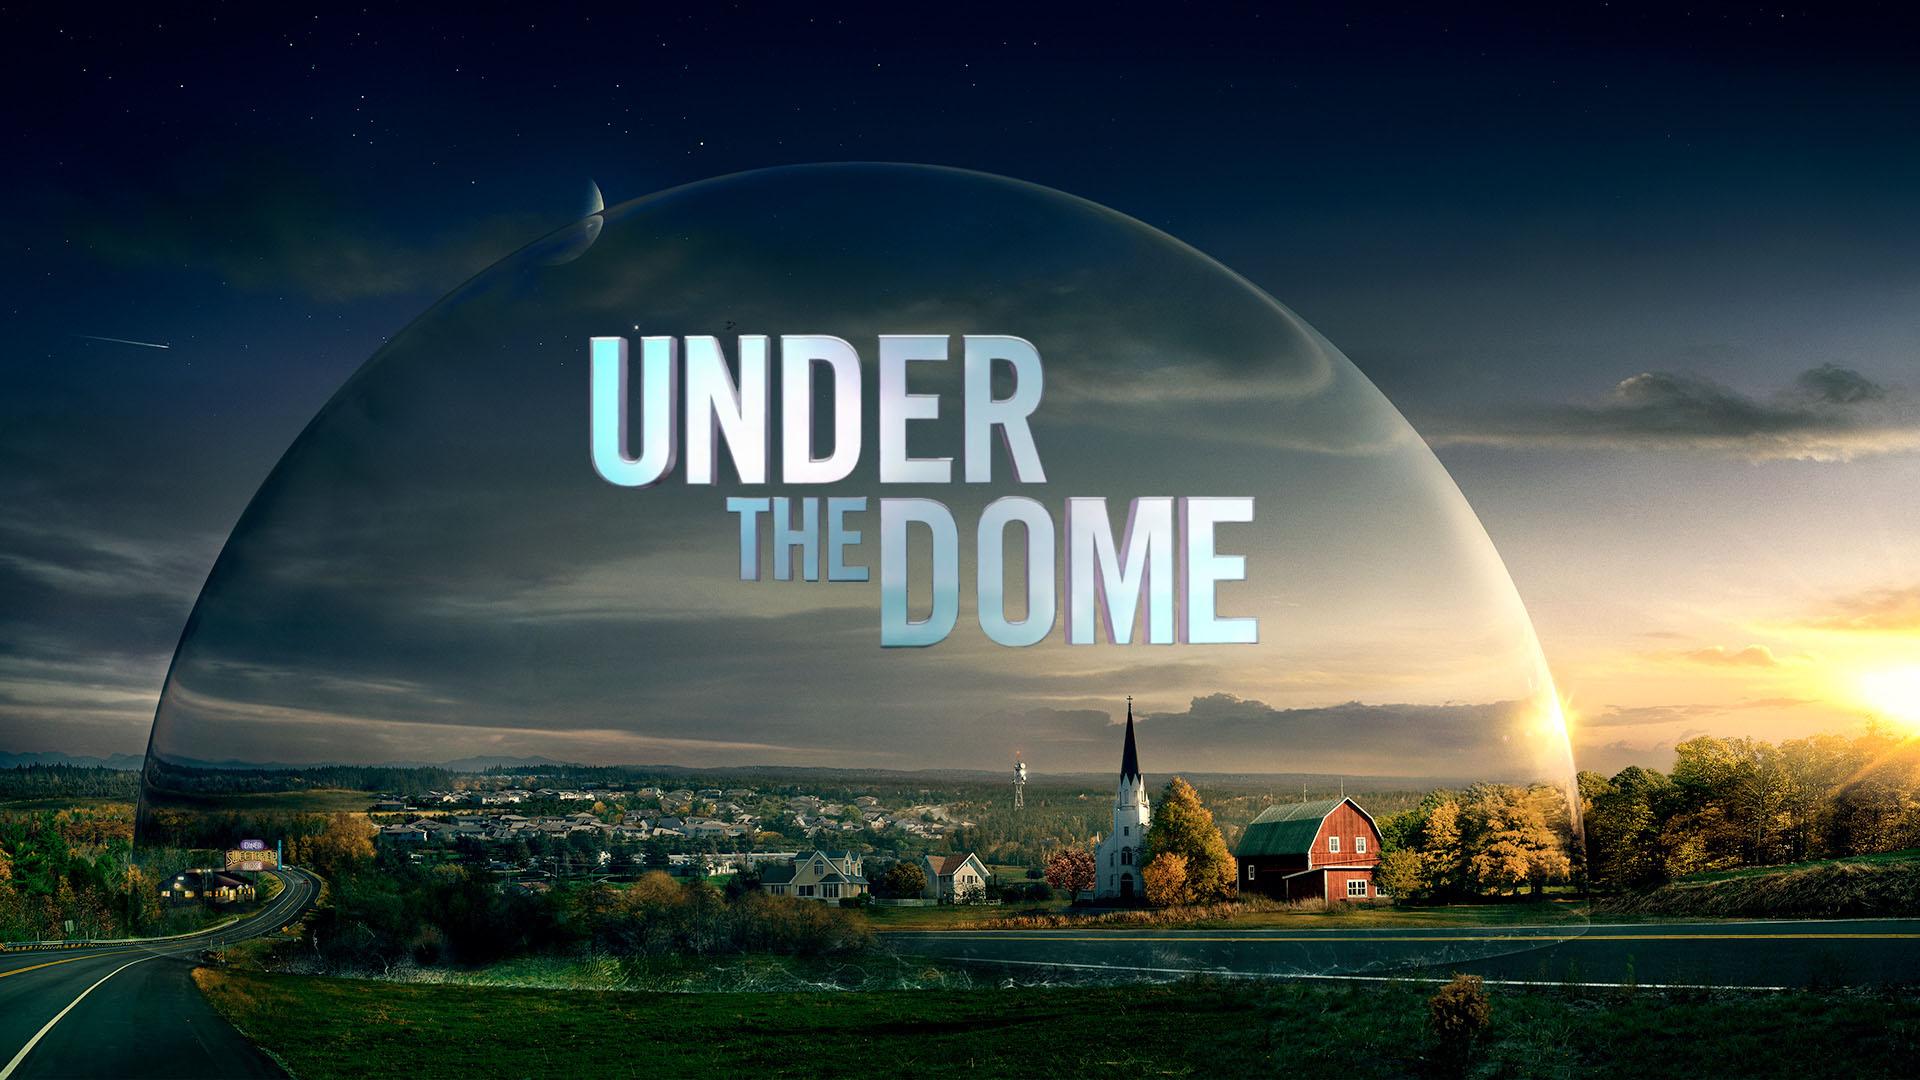 La Cúpula (Under The Dome) 3x12 Vose Ya Dispnible